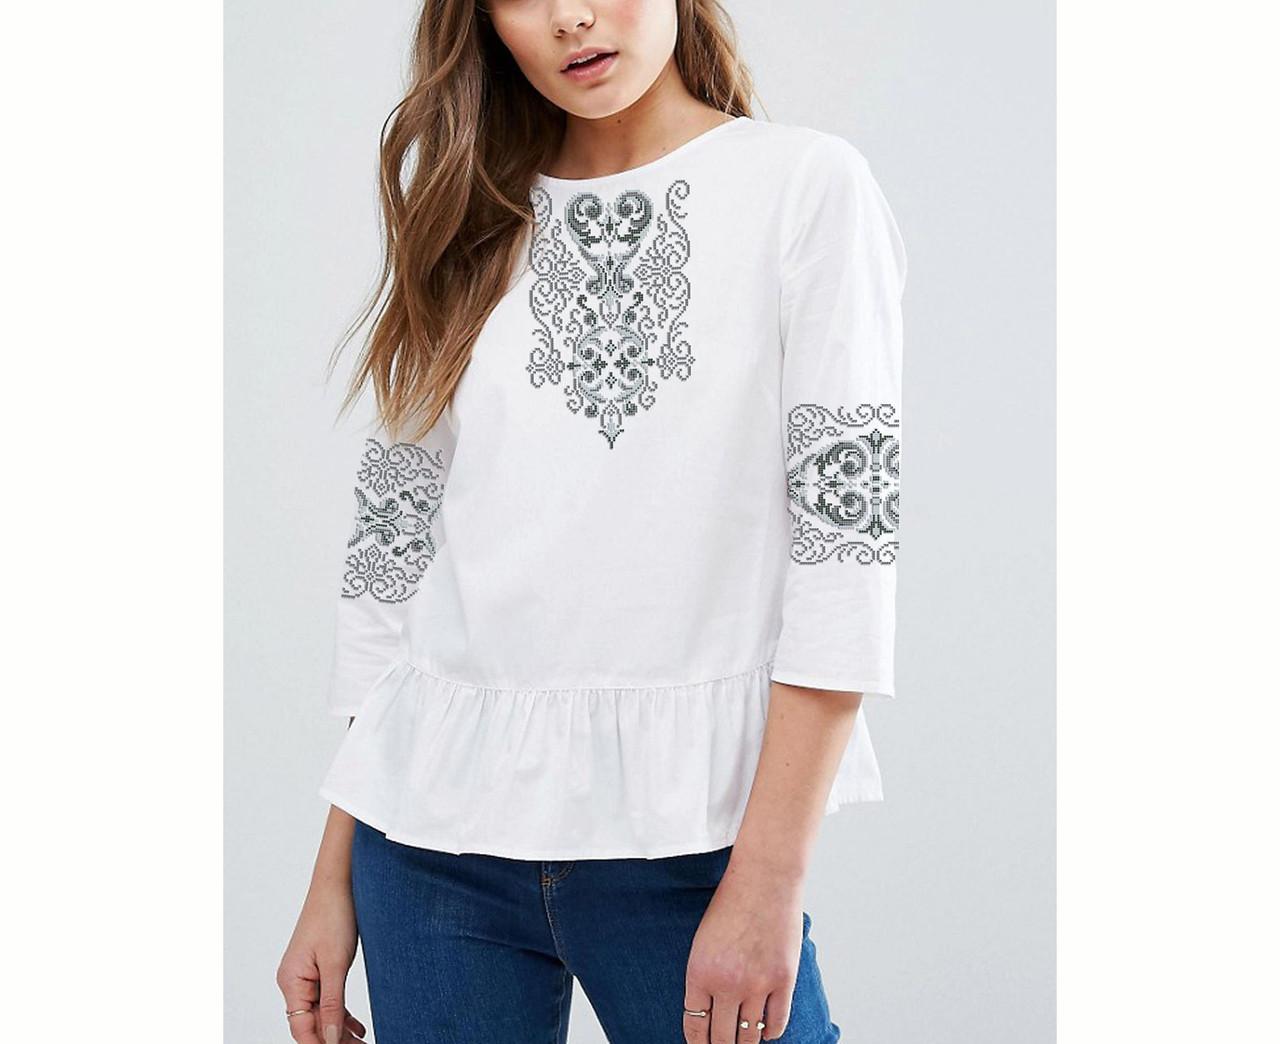 Заготовка вышиванки женской сорочки   блузы для вышивки бисером «Серпанок» 6ad305236d39d